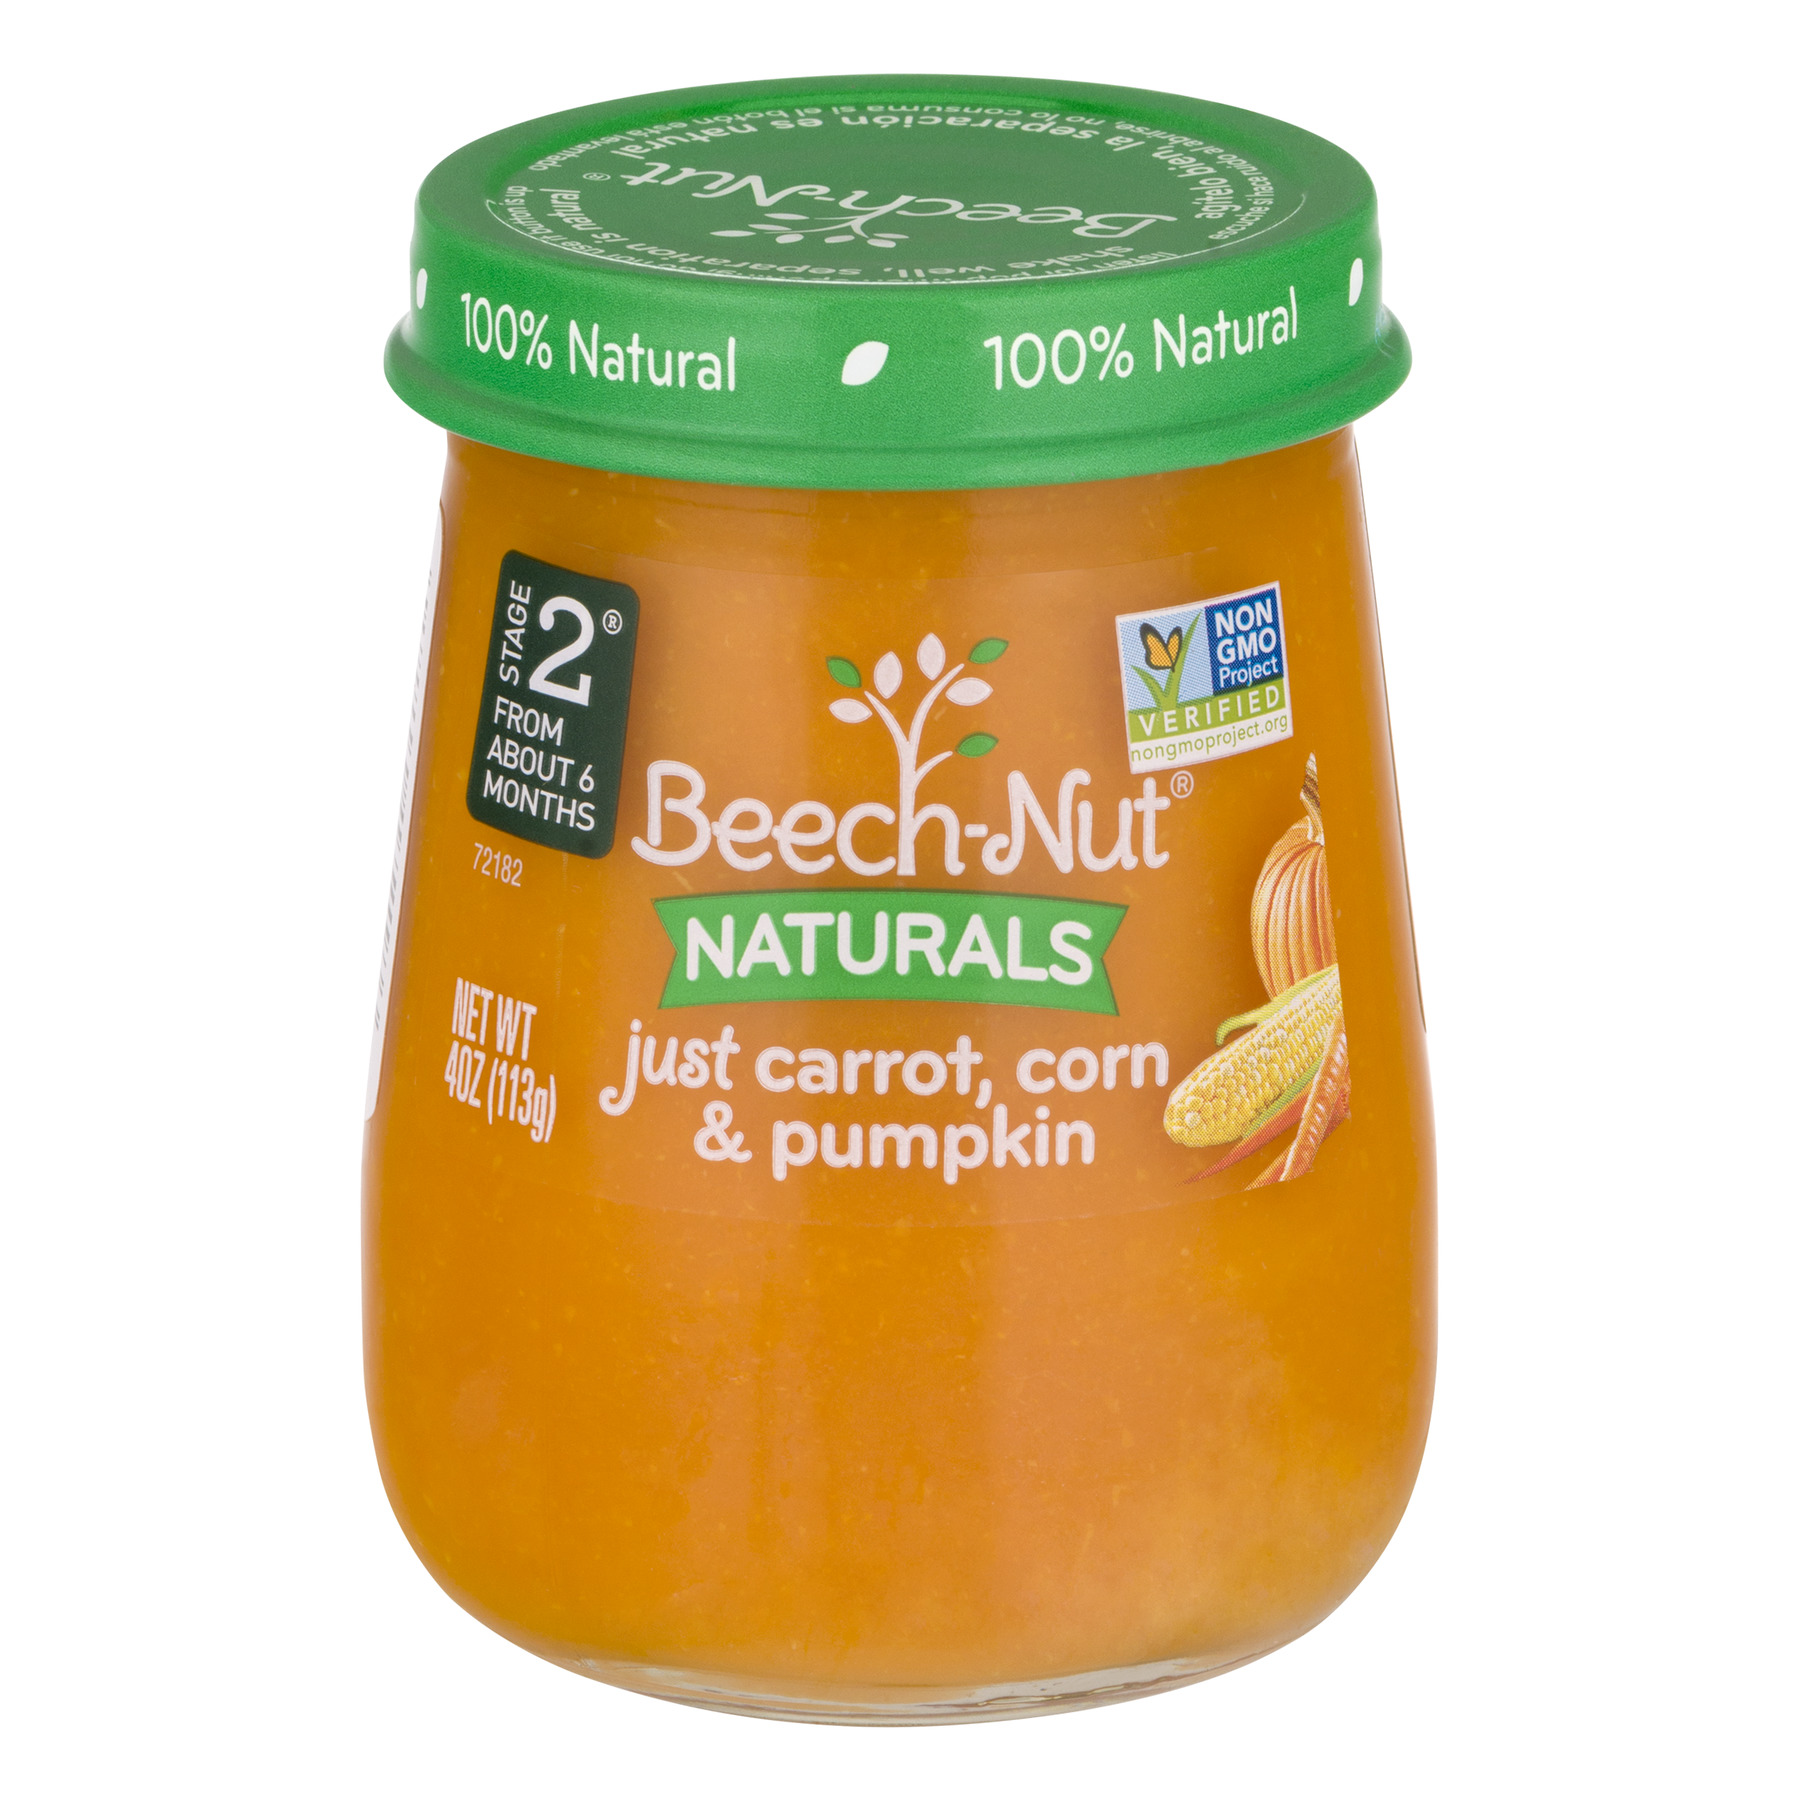 Beech-Nut Naturals Stage 2 Just Carrot, Corn & Pumpkin, 4.0 OZ